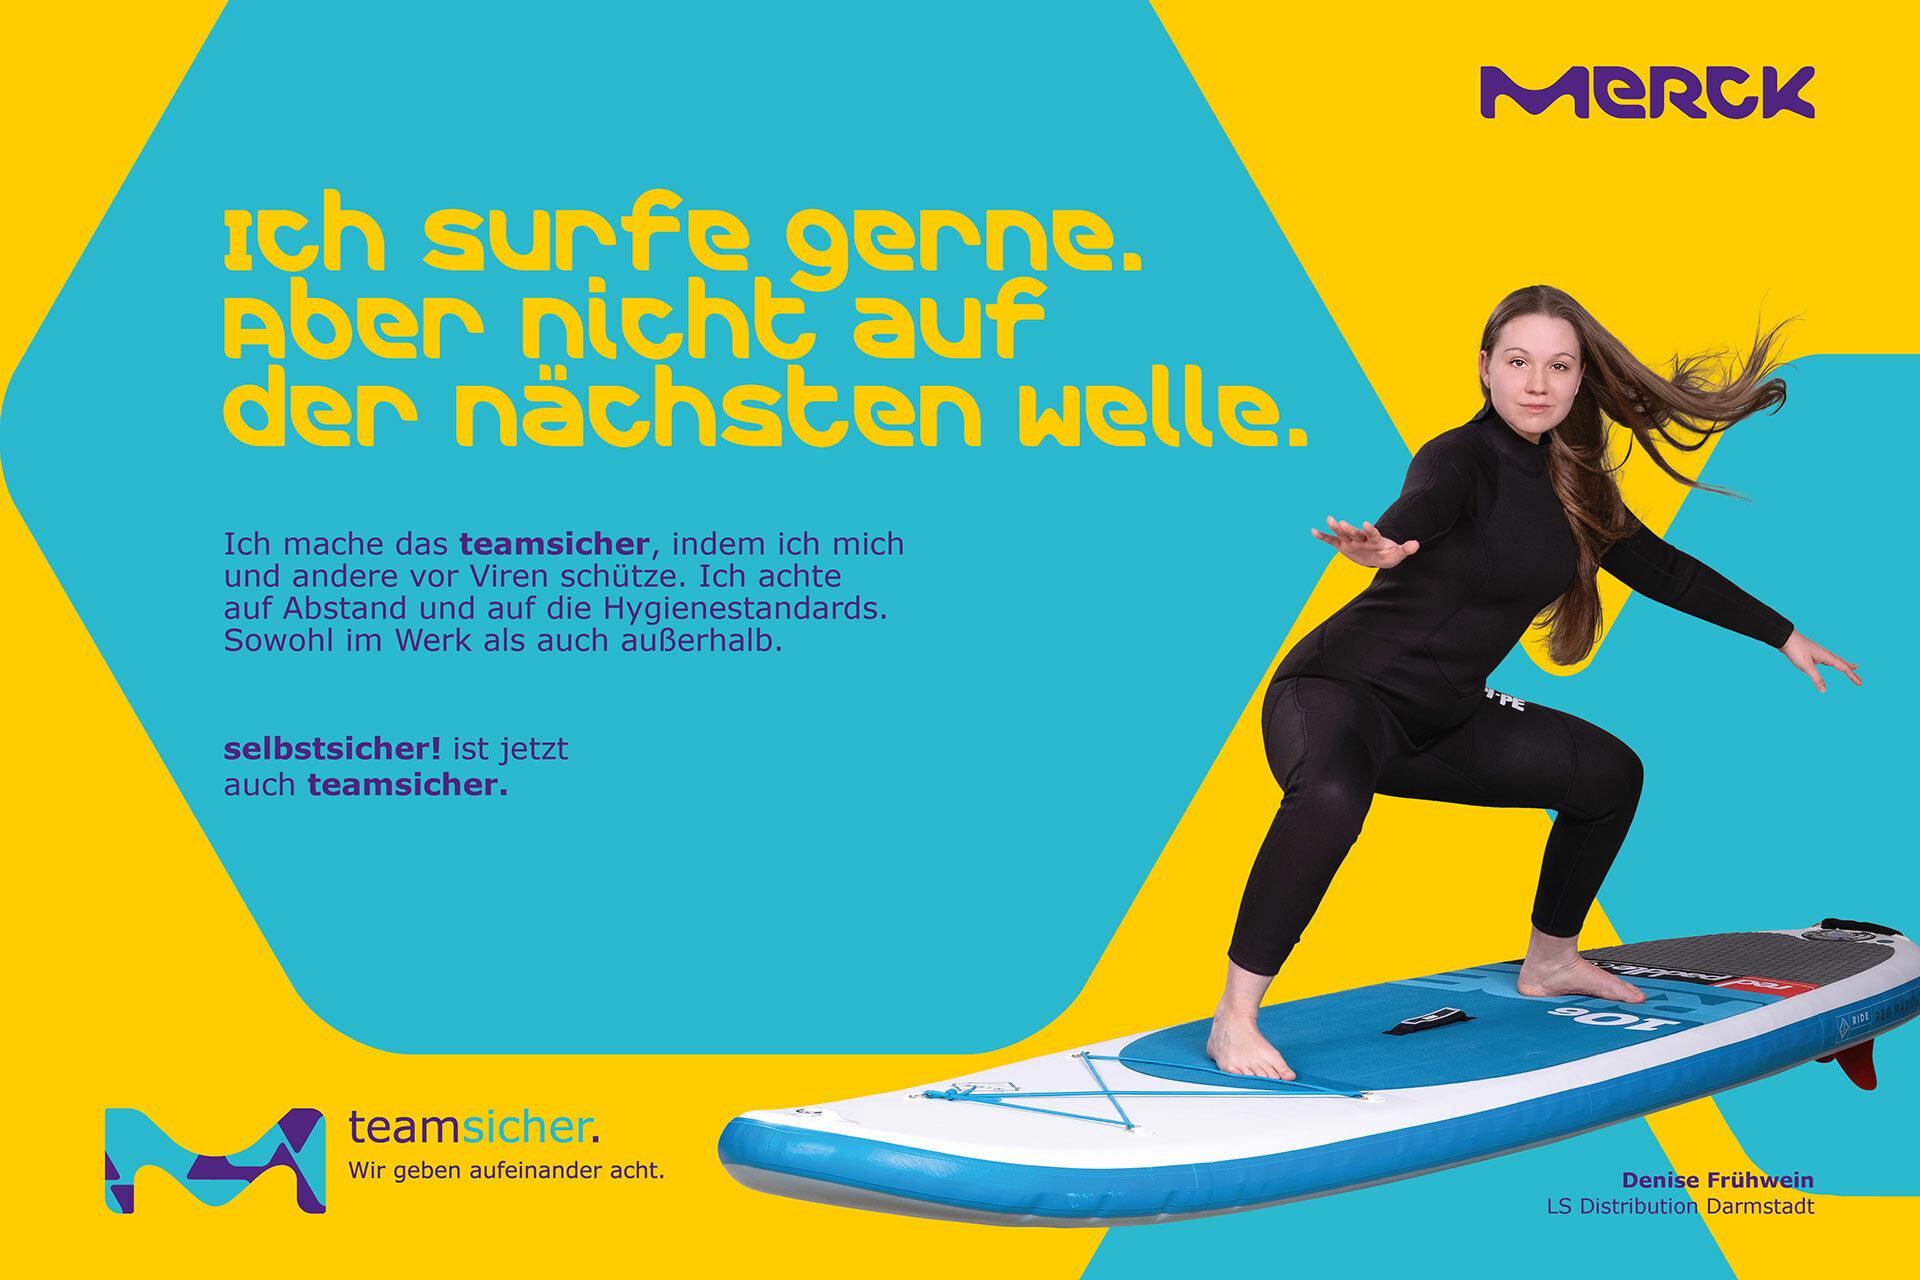 Agentur Ressmann | Merck Mitarbeiterkampagne 09